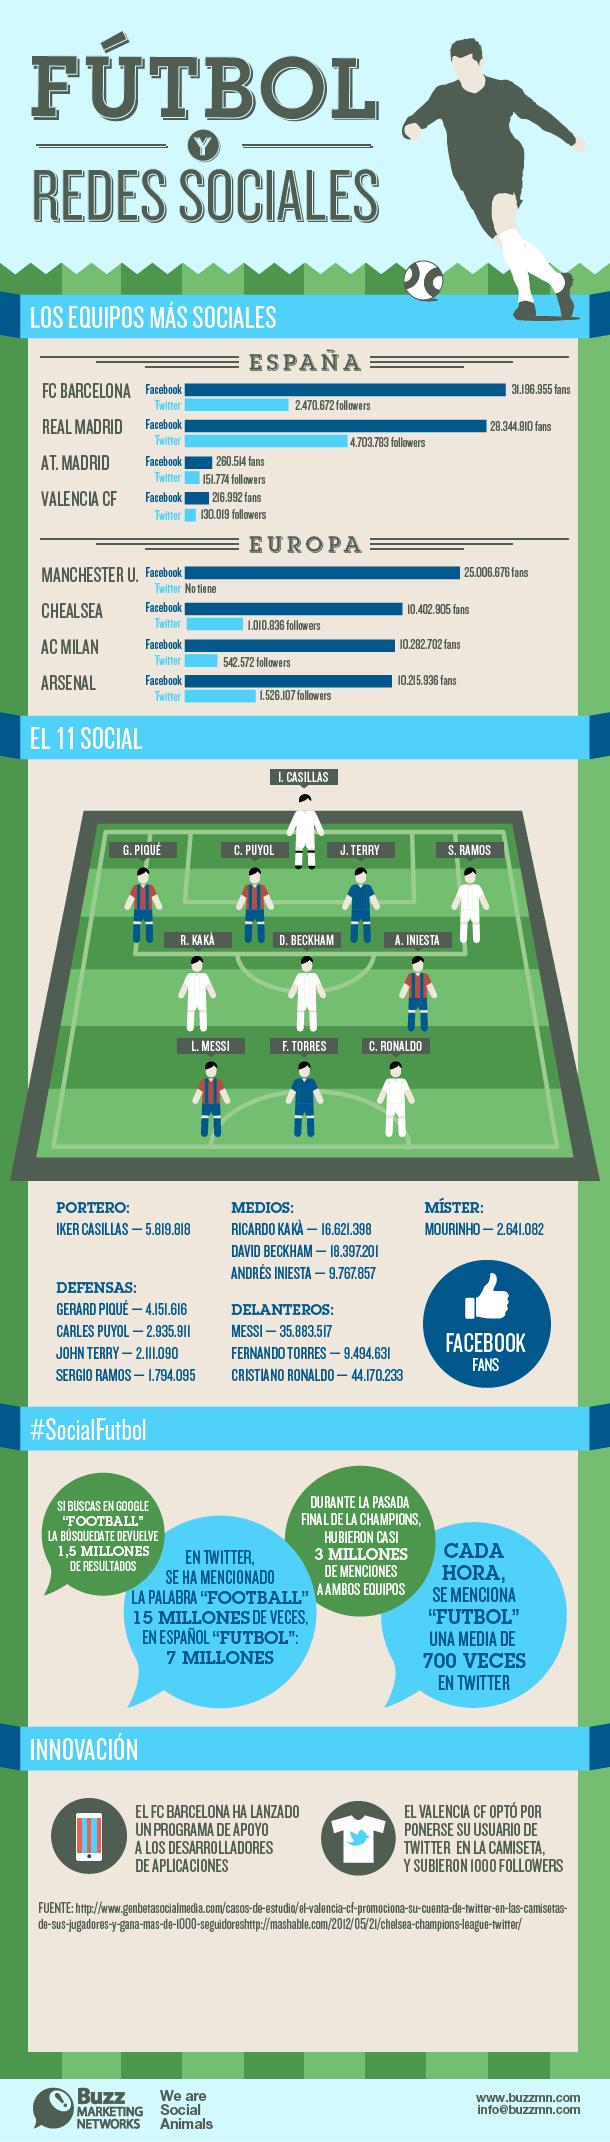 fútbol y redes sociales